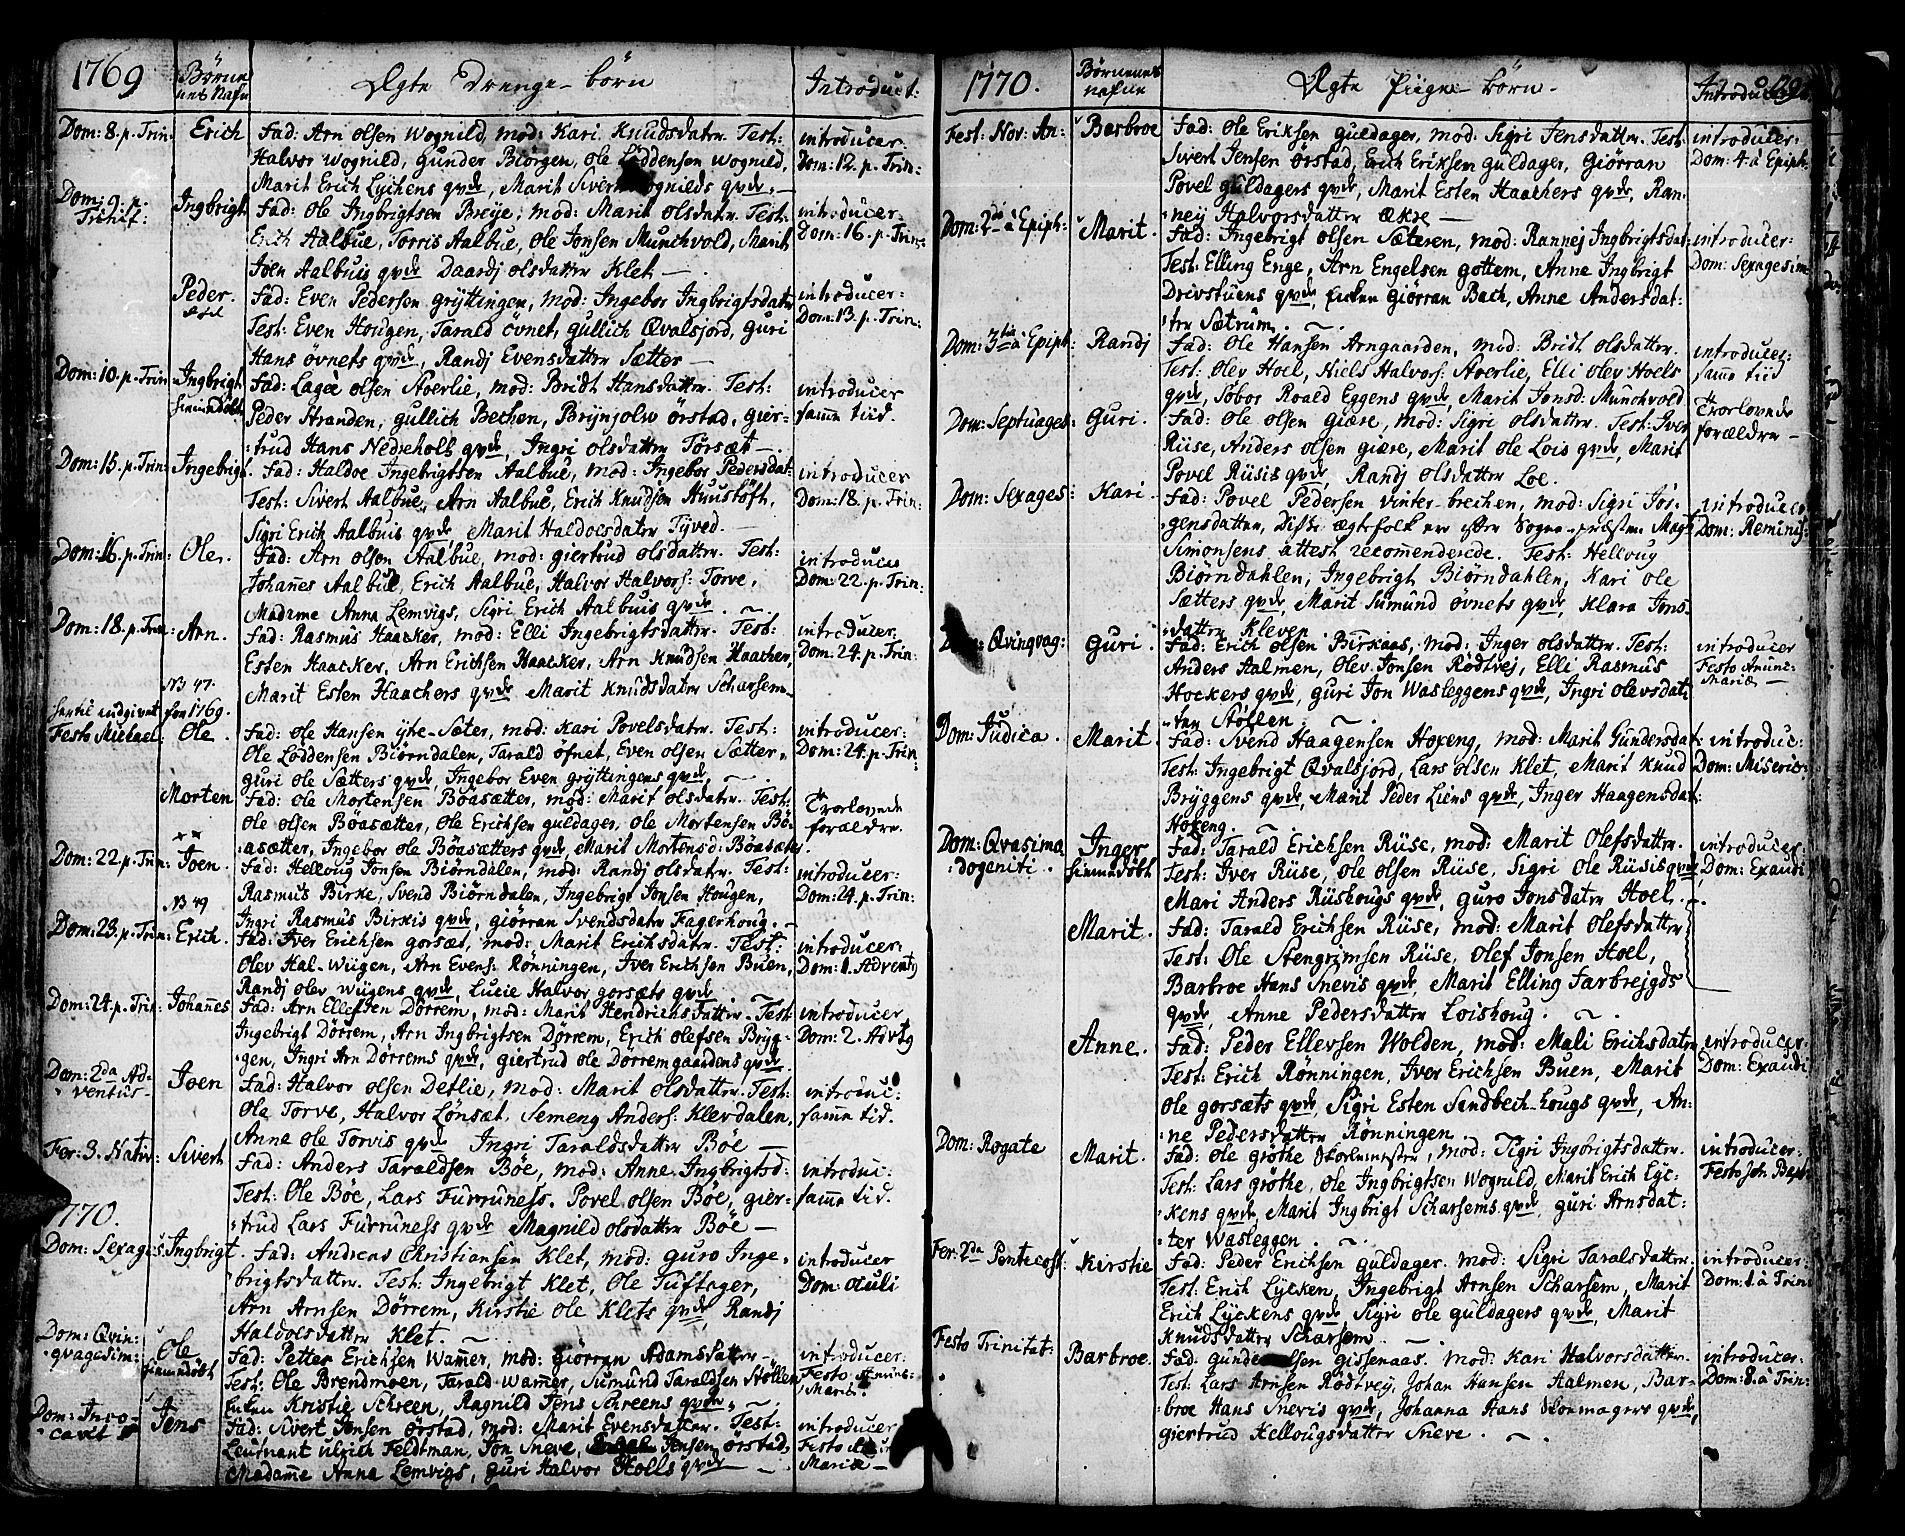 SAT, Ministerialprotokoller, klokkerbøker og fødselsregistre - Sør-Trøndelag, 678/L0891: Ministerialbok nr. 678A01, 1739-1780, s. 129